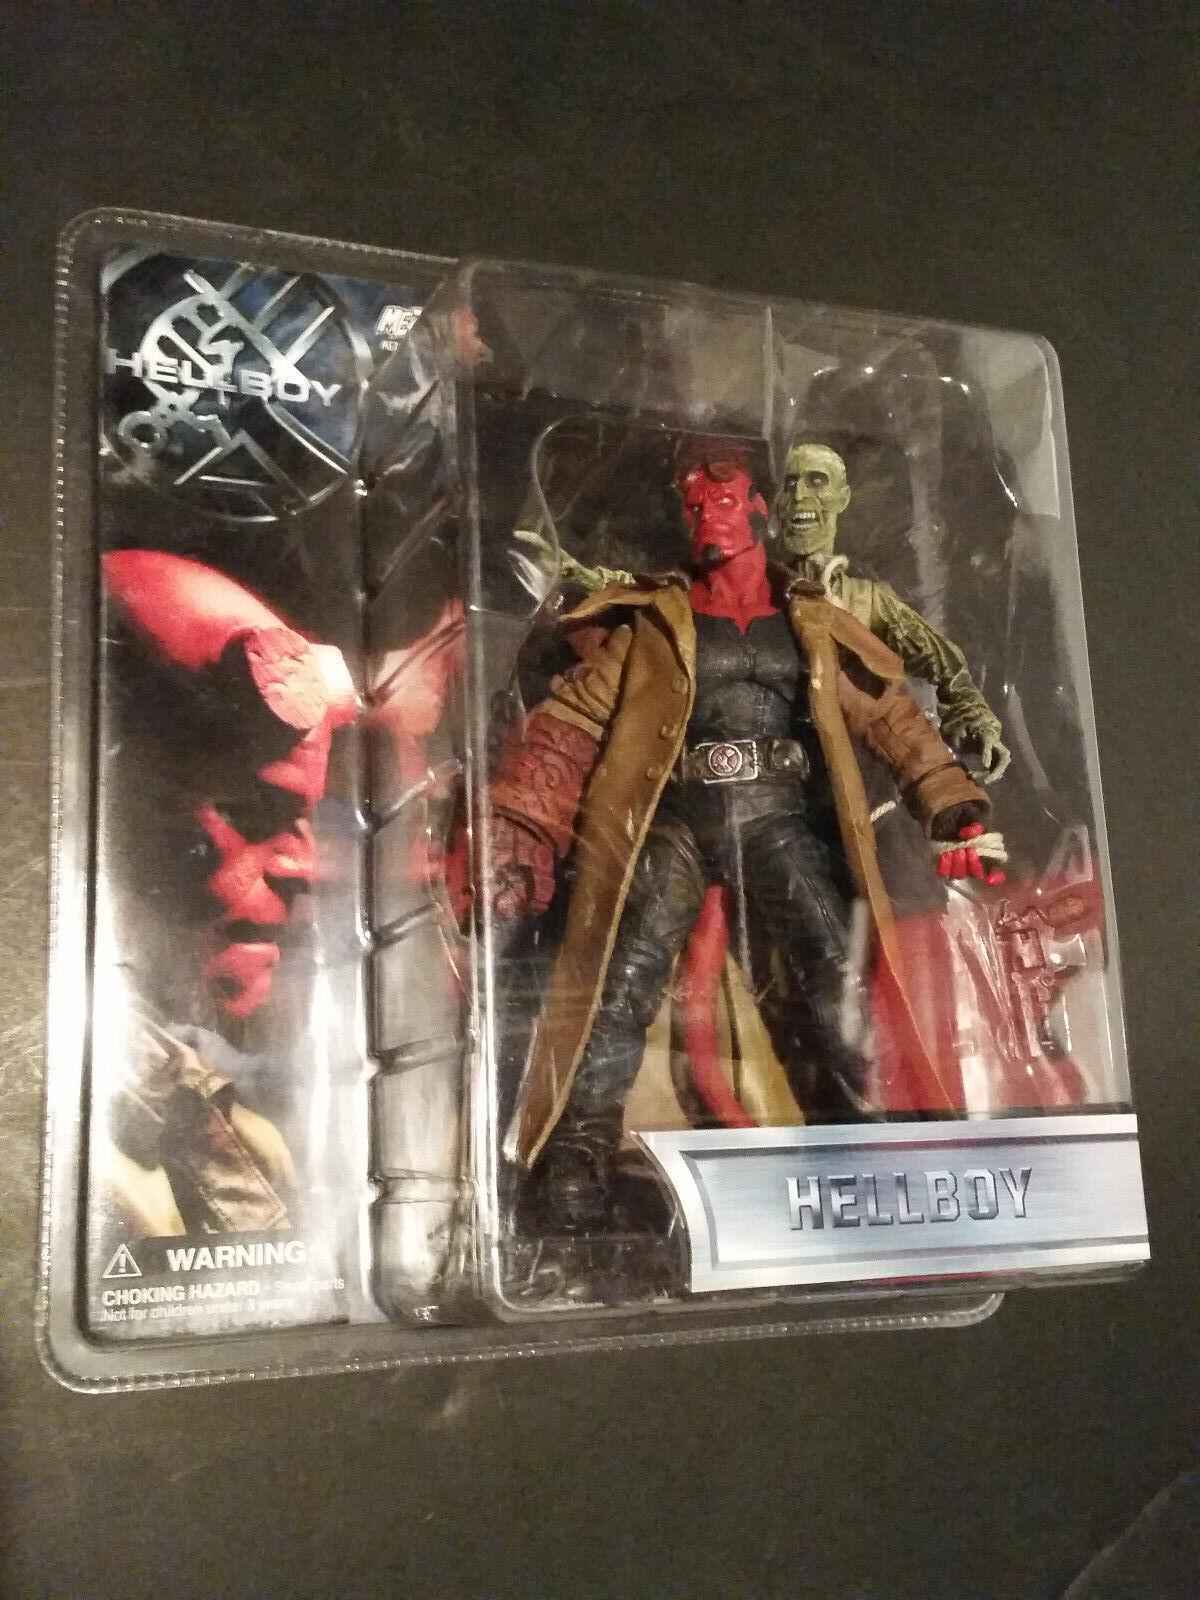 Película Hellboy Mezco Figura De Acción cadáver Zombie Mike Mignola presidente Ivan Ron